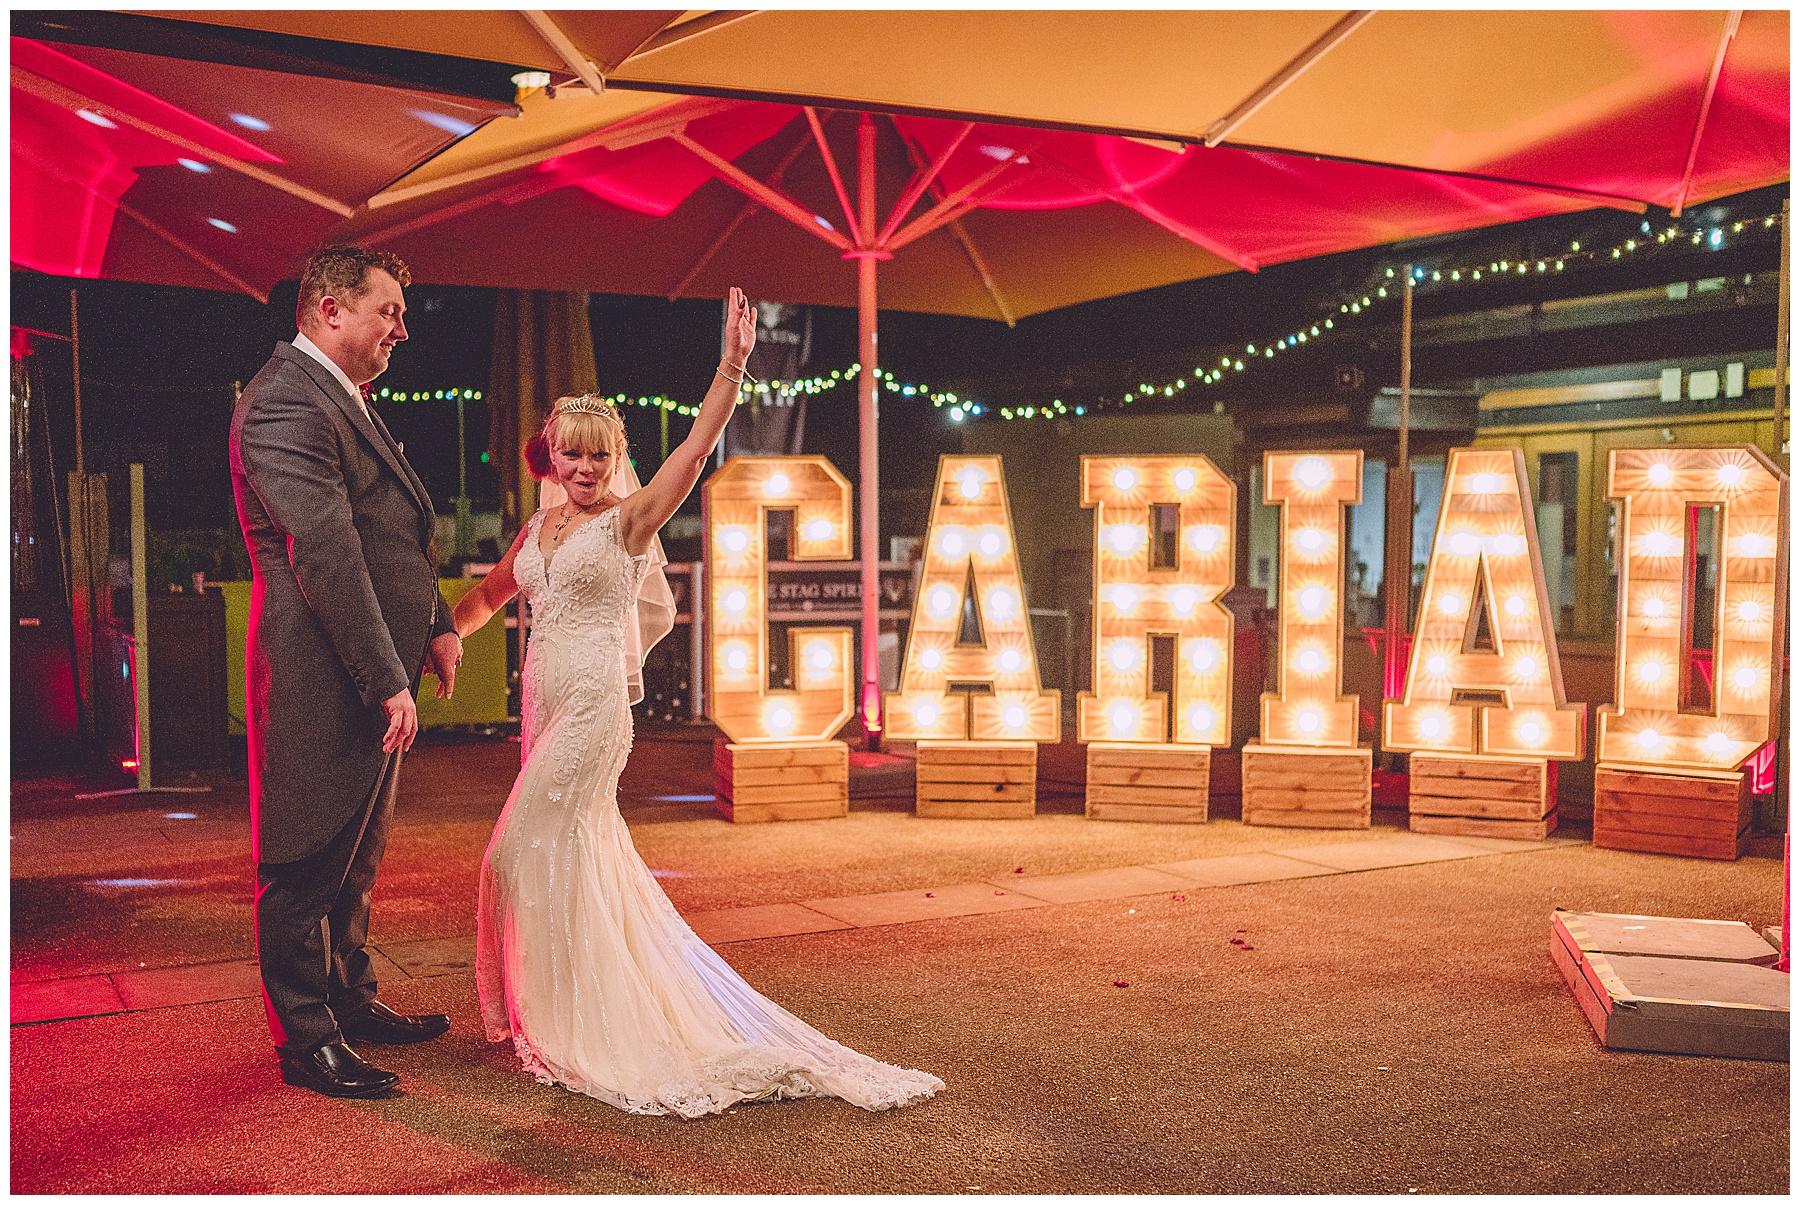 Cardiff Castle Wedding Reception